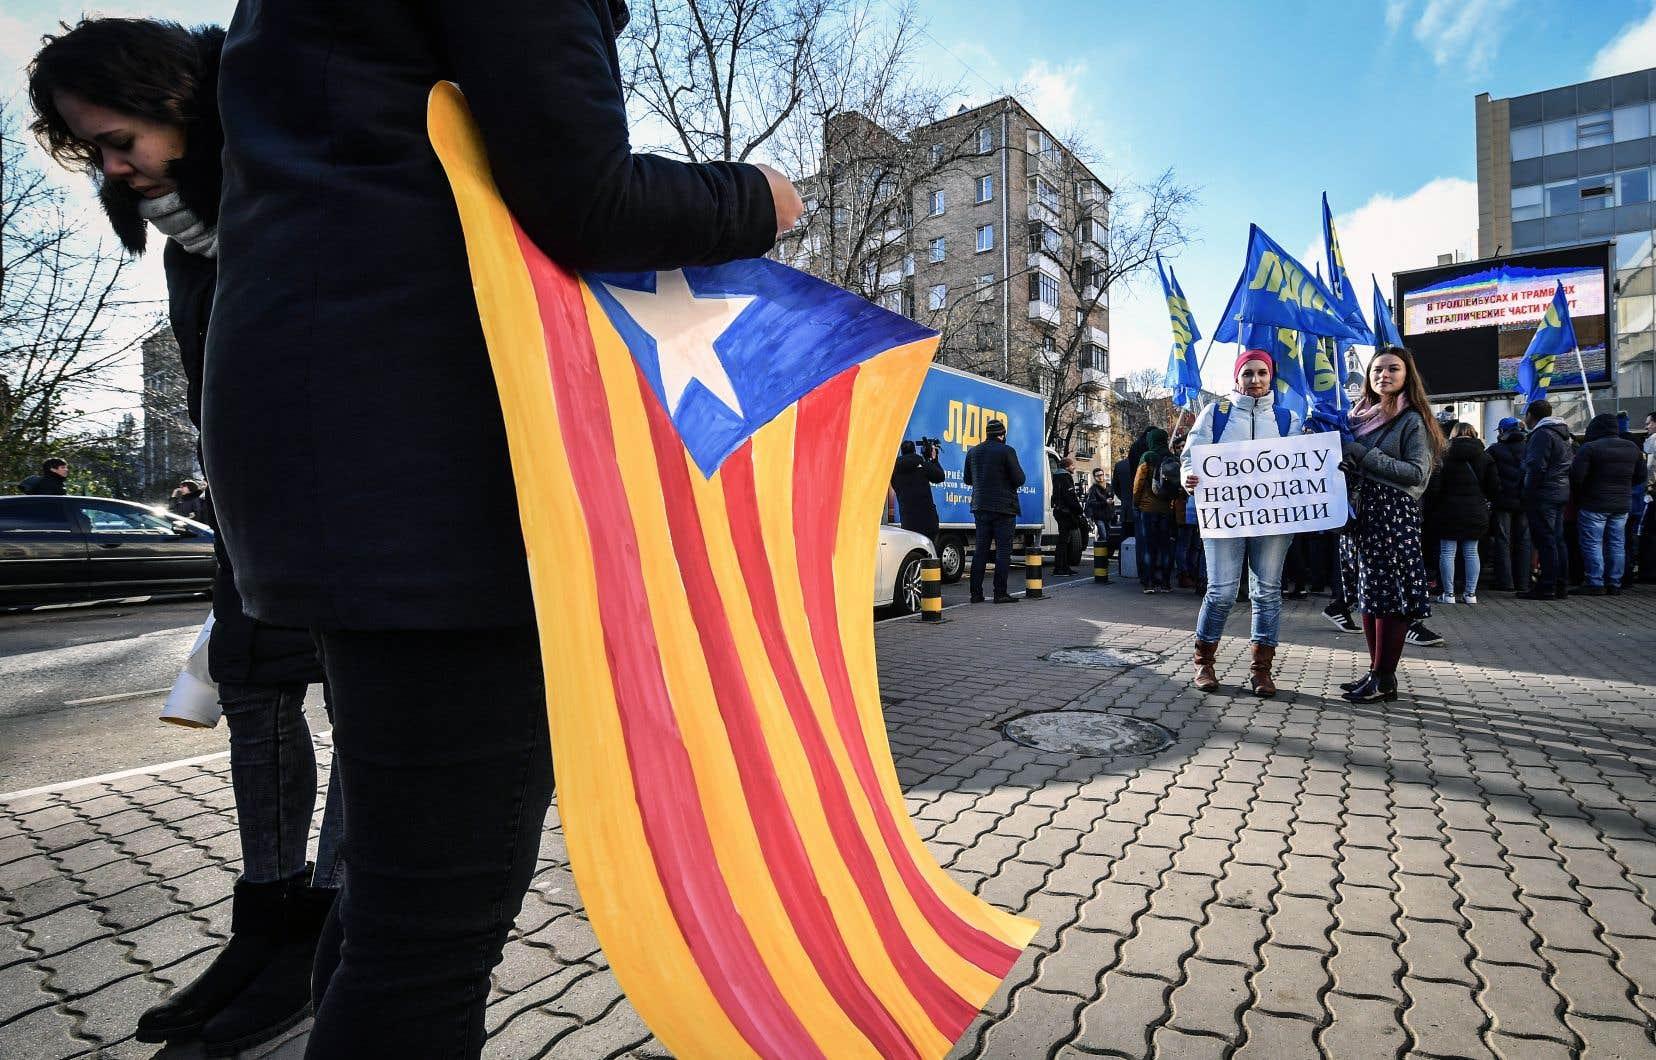 Deux millions de Catalans se sont prononcés pour l'indépendance de leur peuple le 1eroctobre dernier.